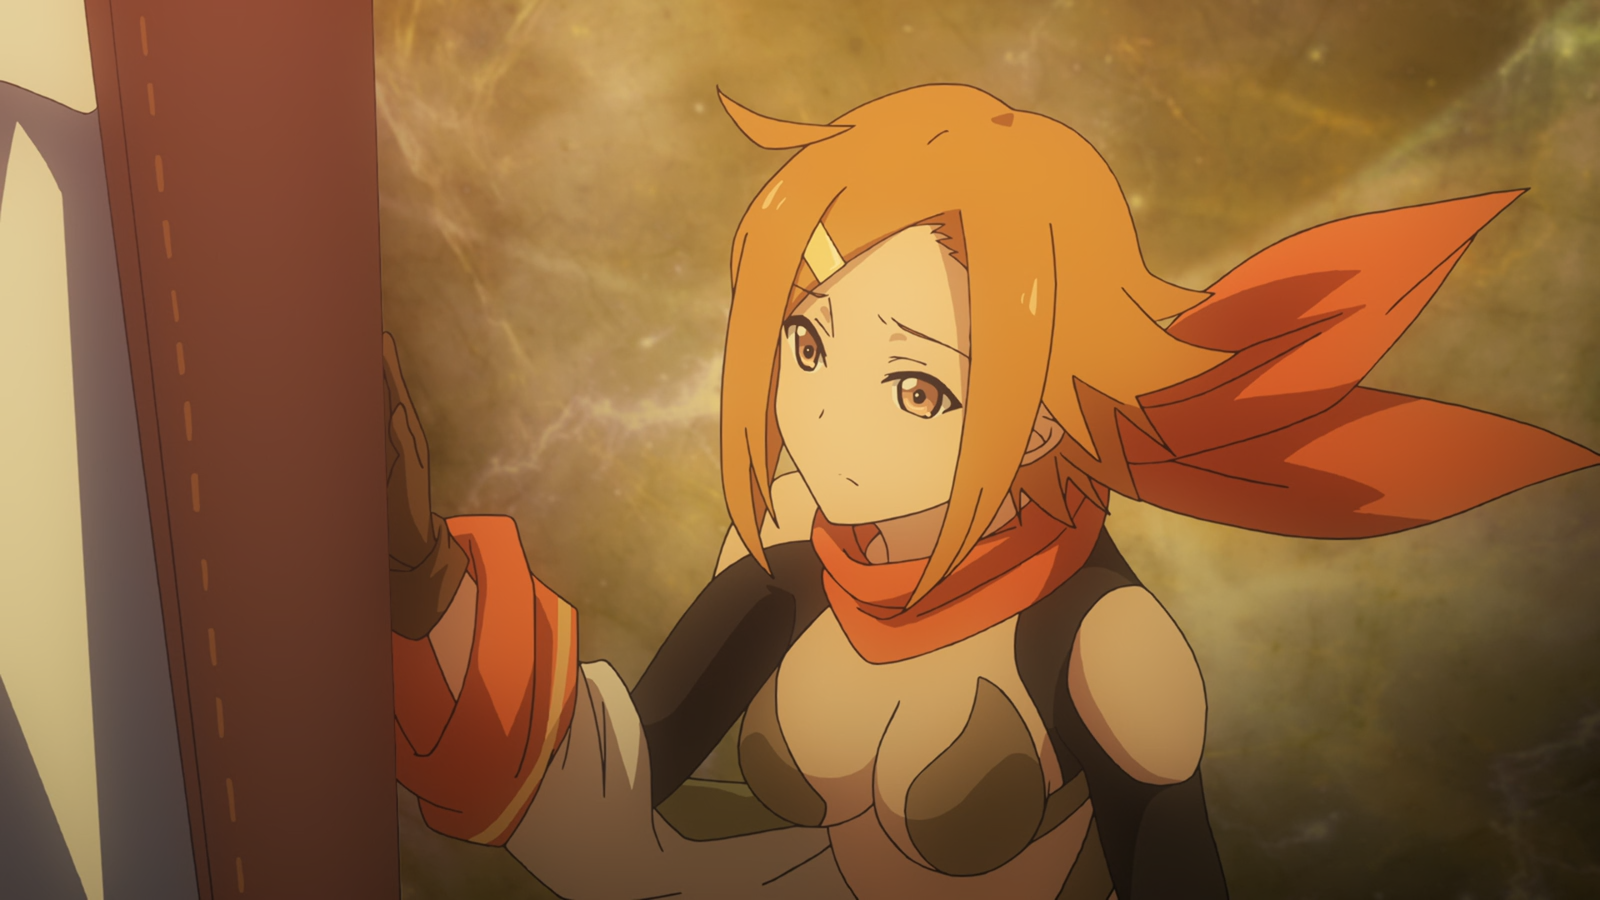 I love Dona. All hail Suzaki Aya